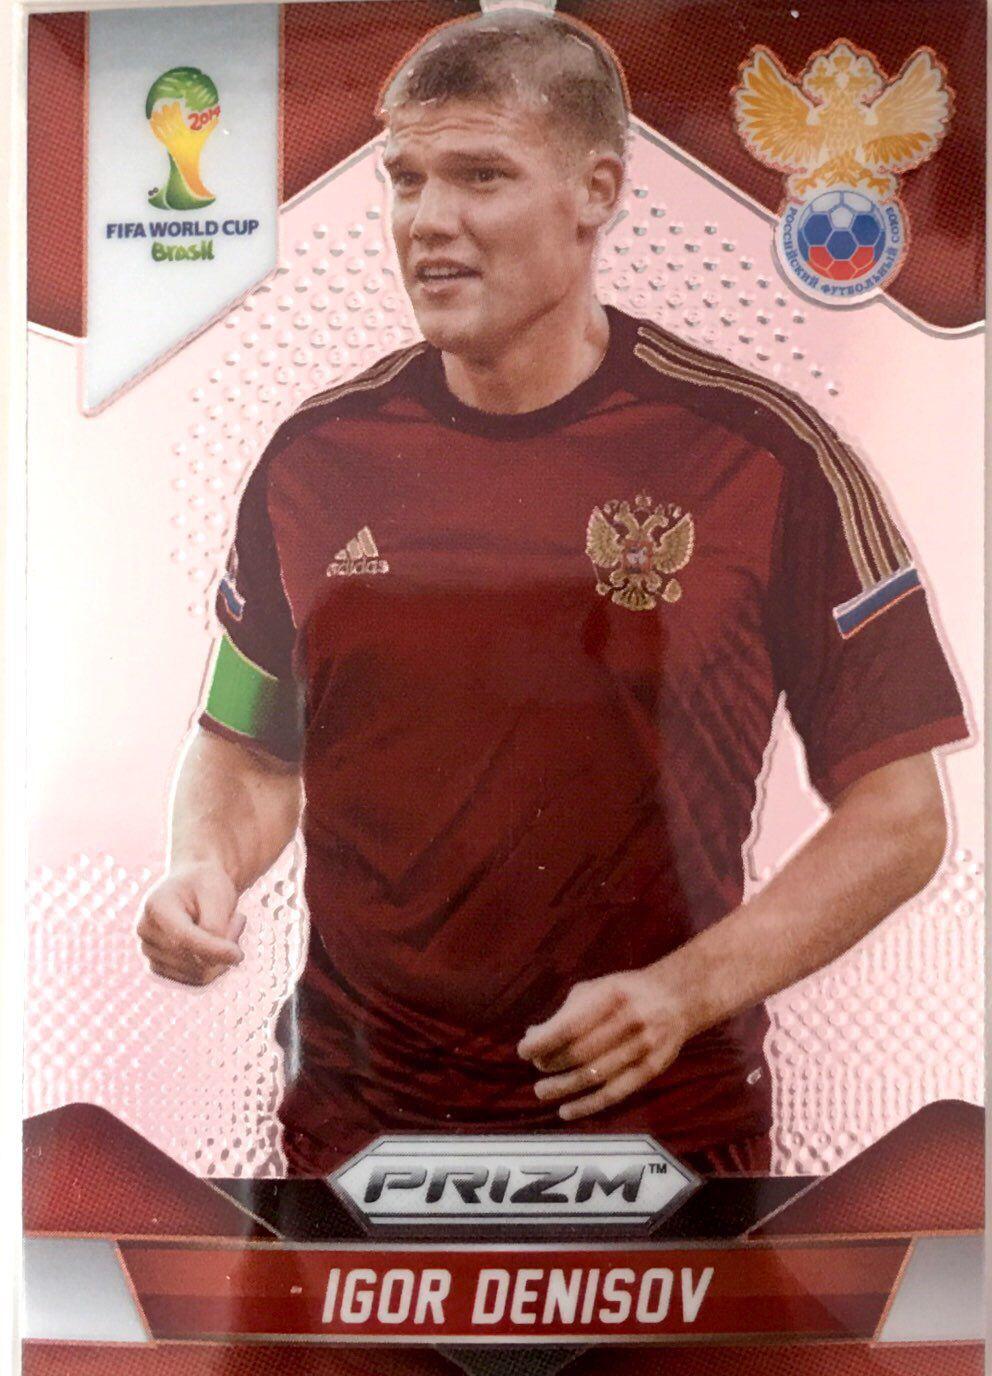 【普拉蒂尼】2014Panini帕尼尼巴西世界杯足球球星卡Igor Denisov德尼索夫俄罗斯NO.166普卡